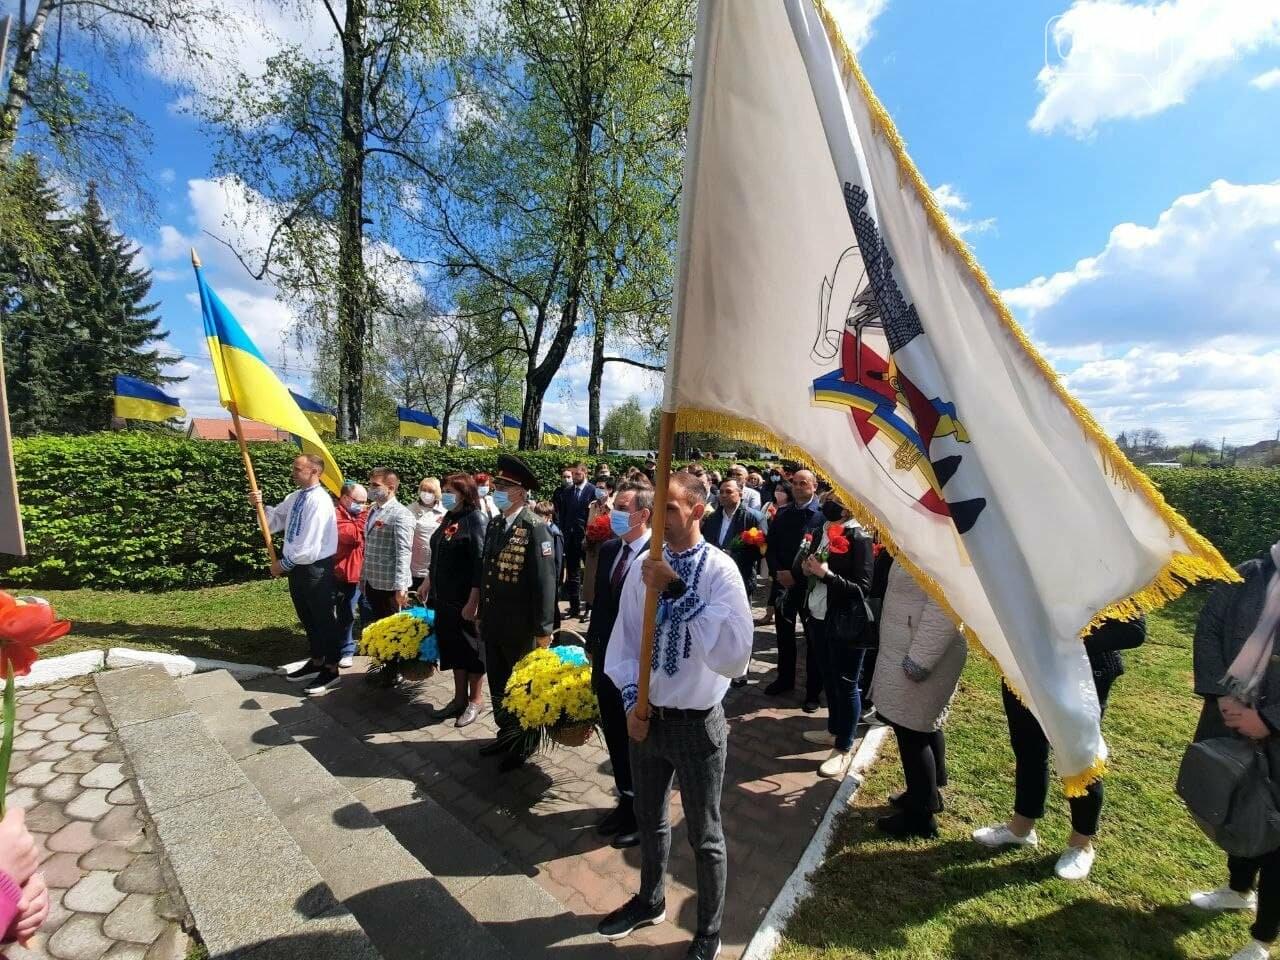 9 травня: День Перемоги у Новограді-Волинському (ФОТО, ВІДЕО), фото-3